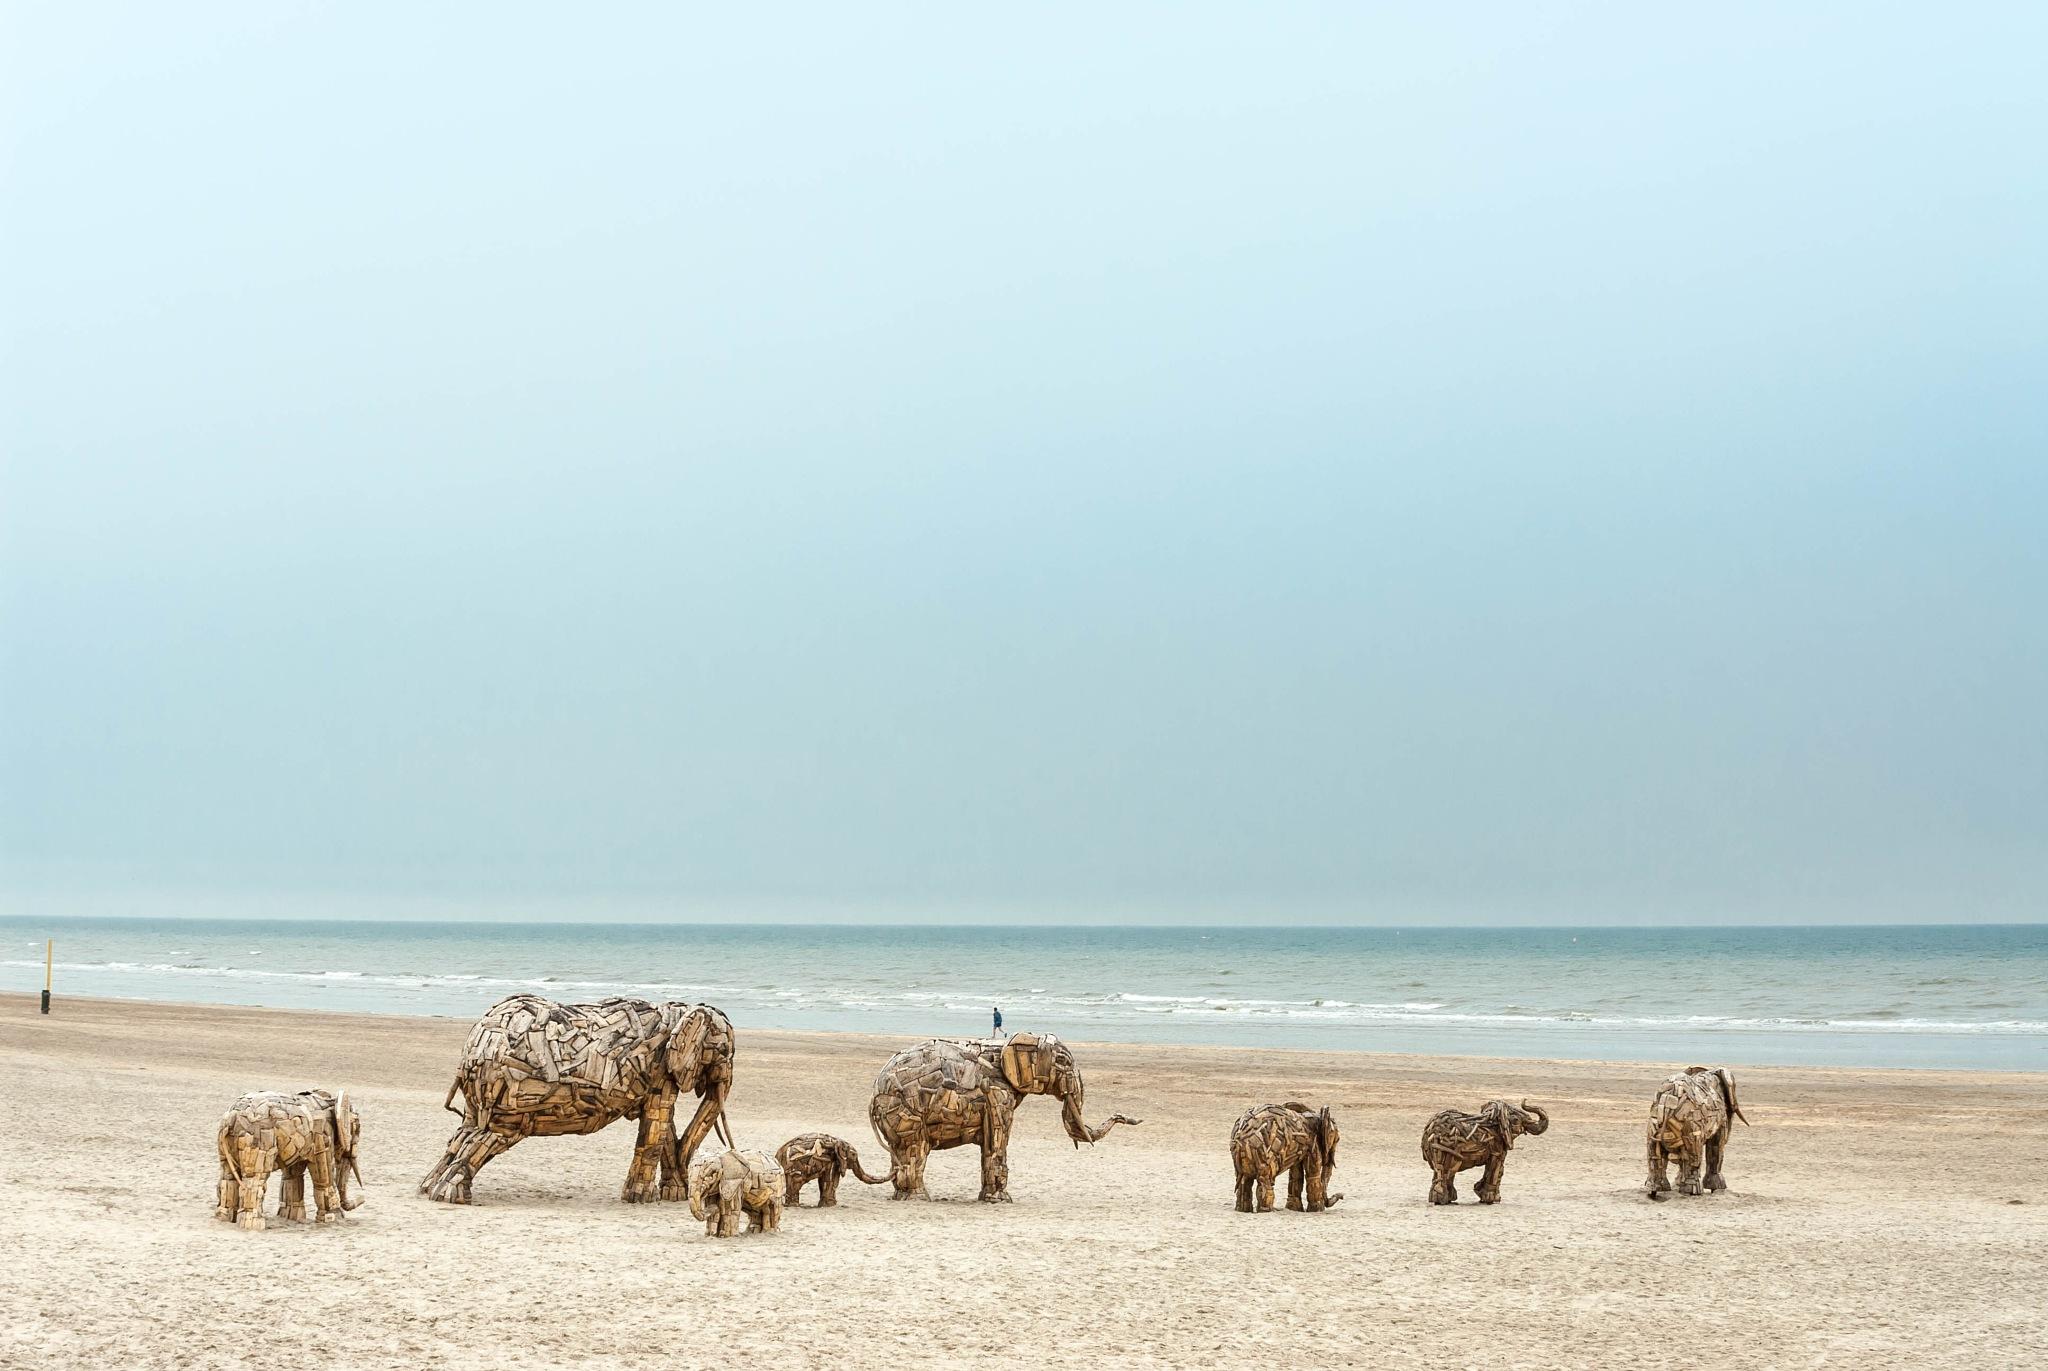 Wooden elephants, Beaufort 2006 by Ruud van Leeuwen